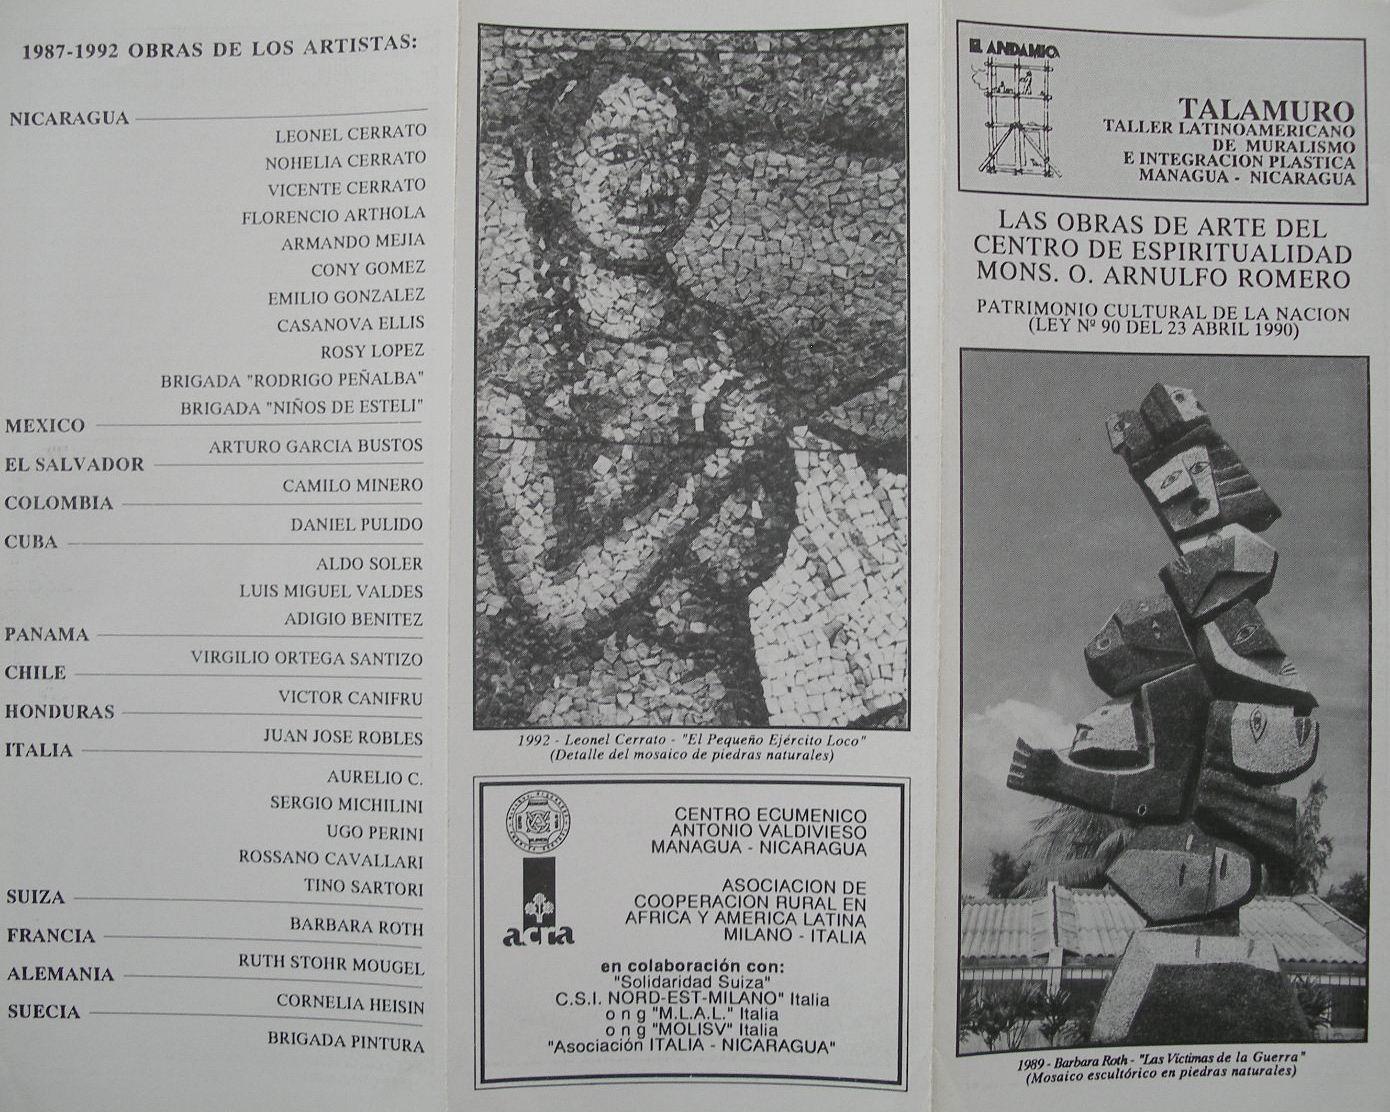 1992-1a Inaugurazione Progetto 500 anni, nel CEMOAR, Managua, Nicaragua